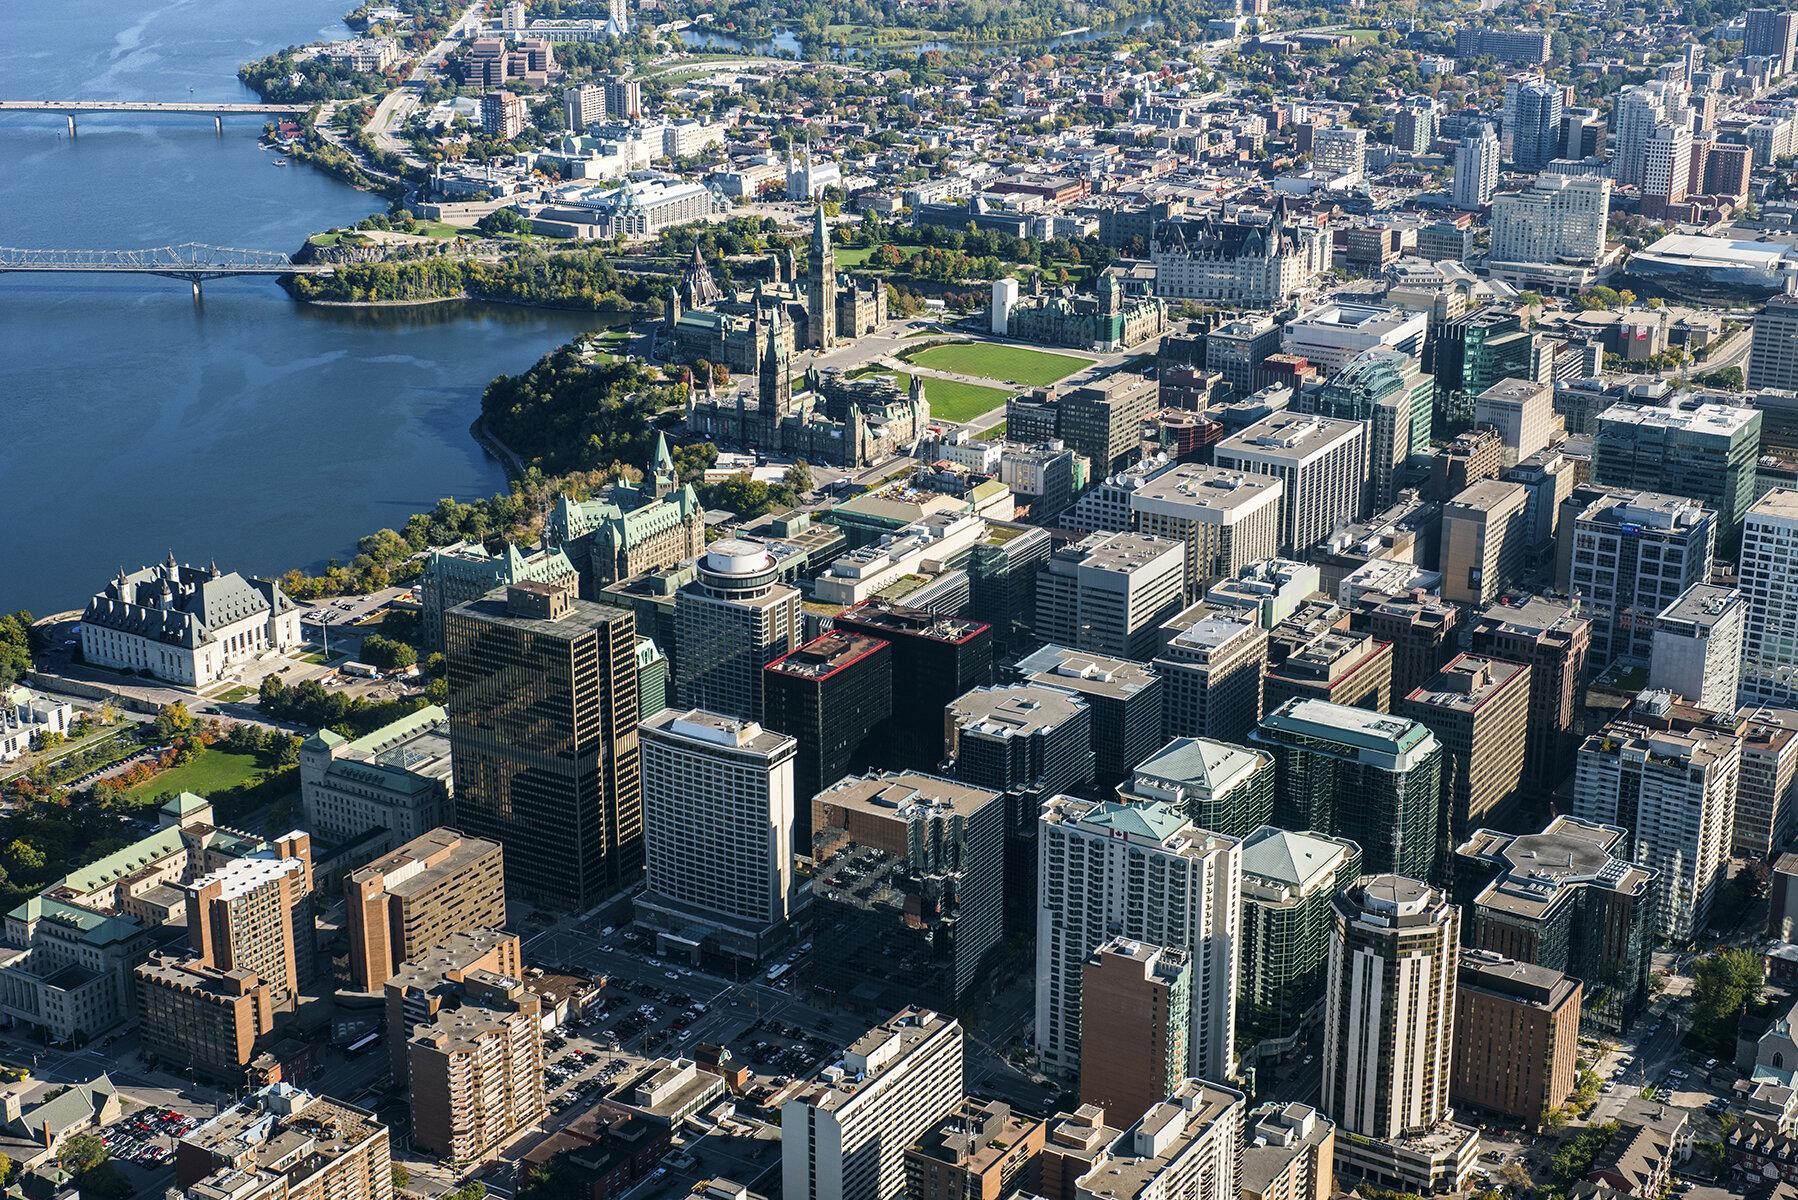 Kuzey Amerika'nın en büyük 2.ülkesi Kanada'da ise 100 den fazla FETÖ okulu mevcut.